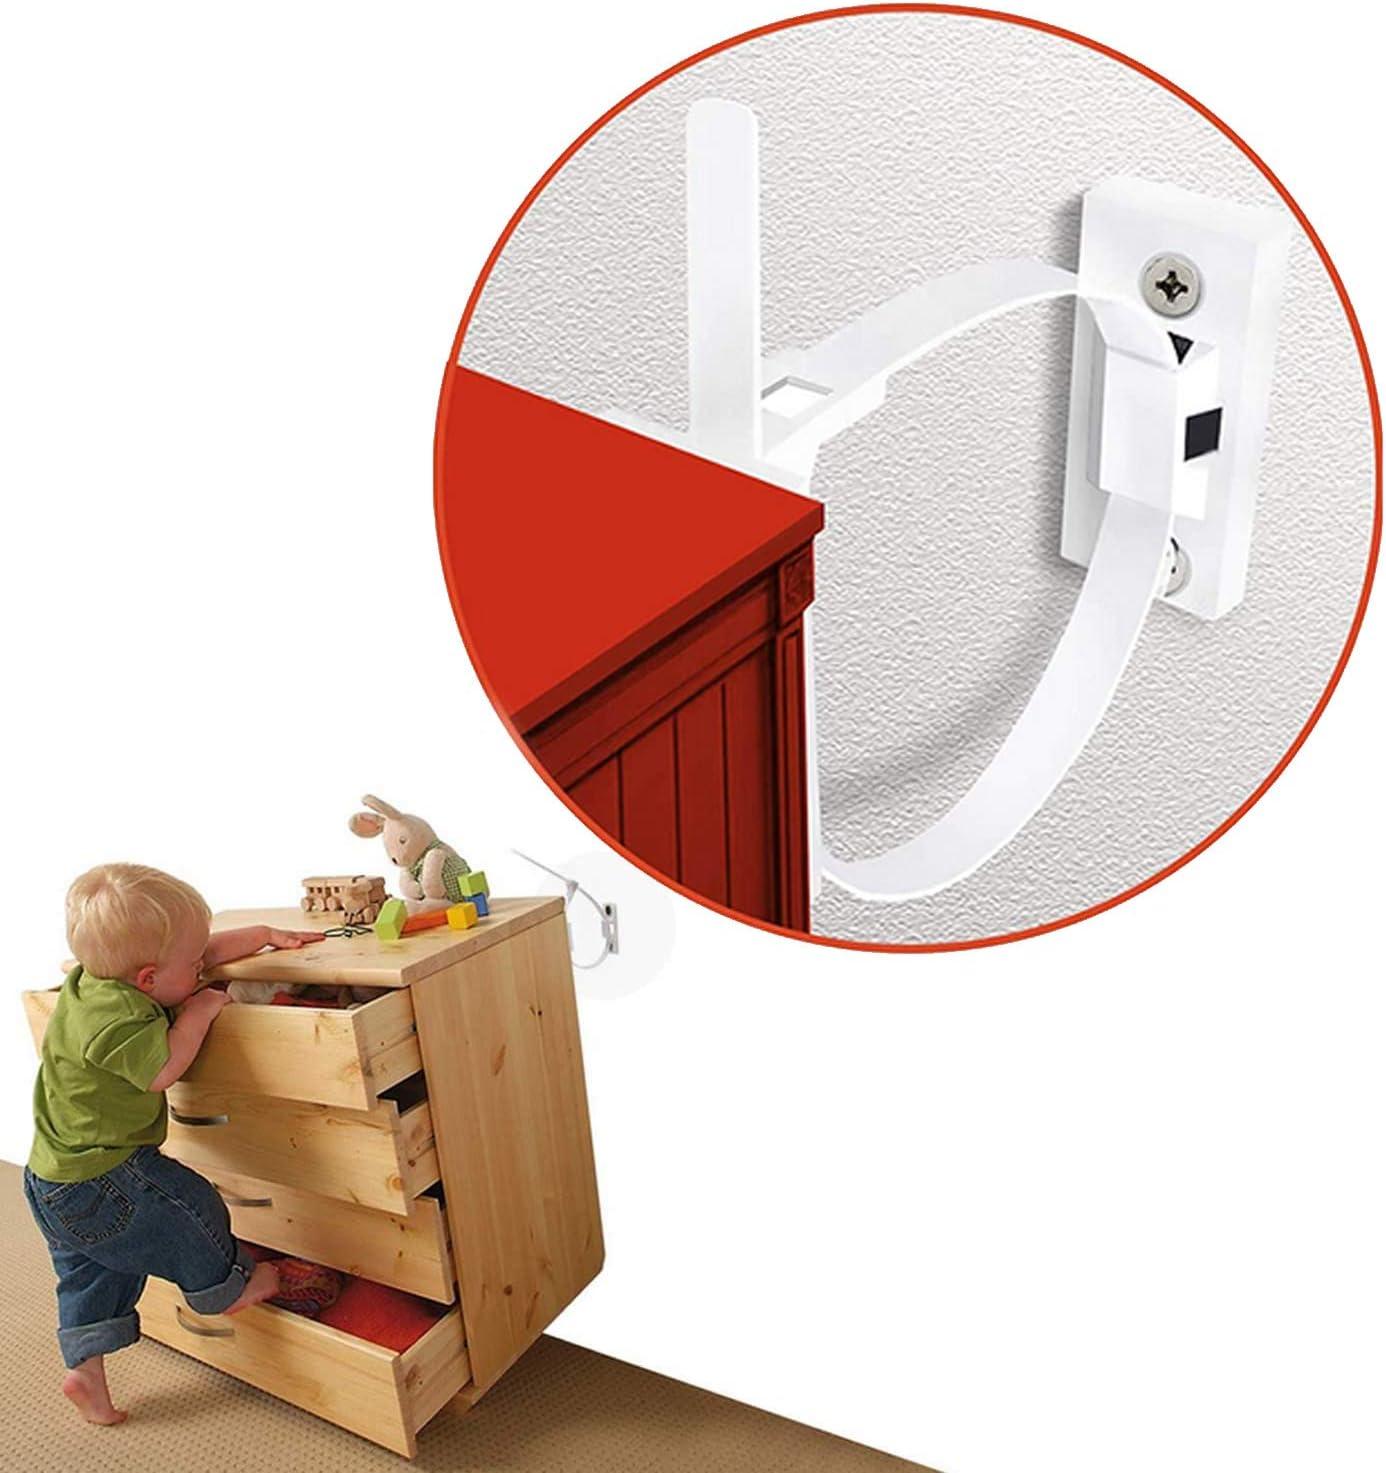 evita que los beb/és se lastimen por la ca/ída de muebles ViViKaya Seguridad Bebe Kit Anclar Muebles Kit de seguridad para beb/és 12 Pack